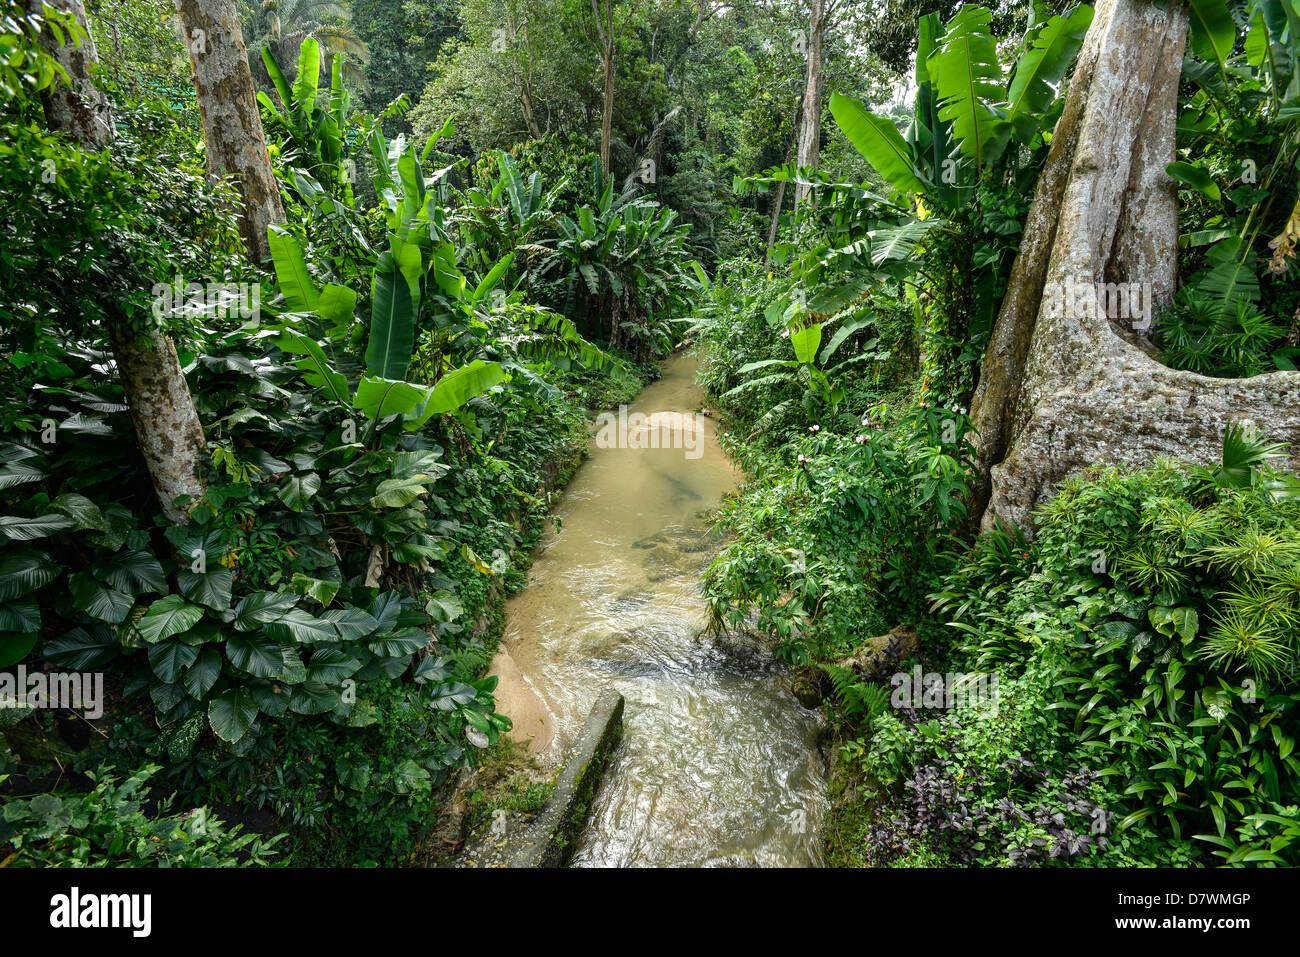 Asia Malaysia Penang Botanic garden - Stock Image